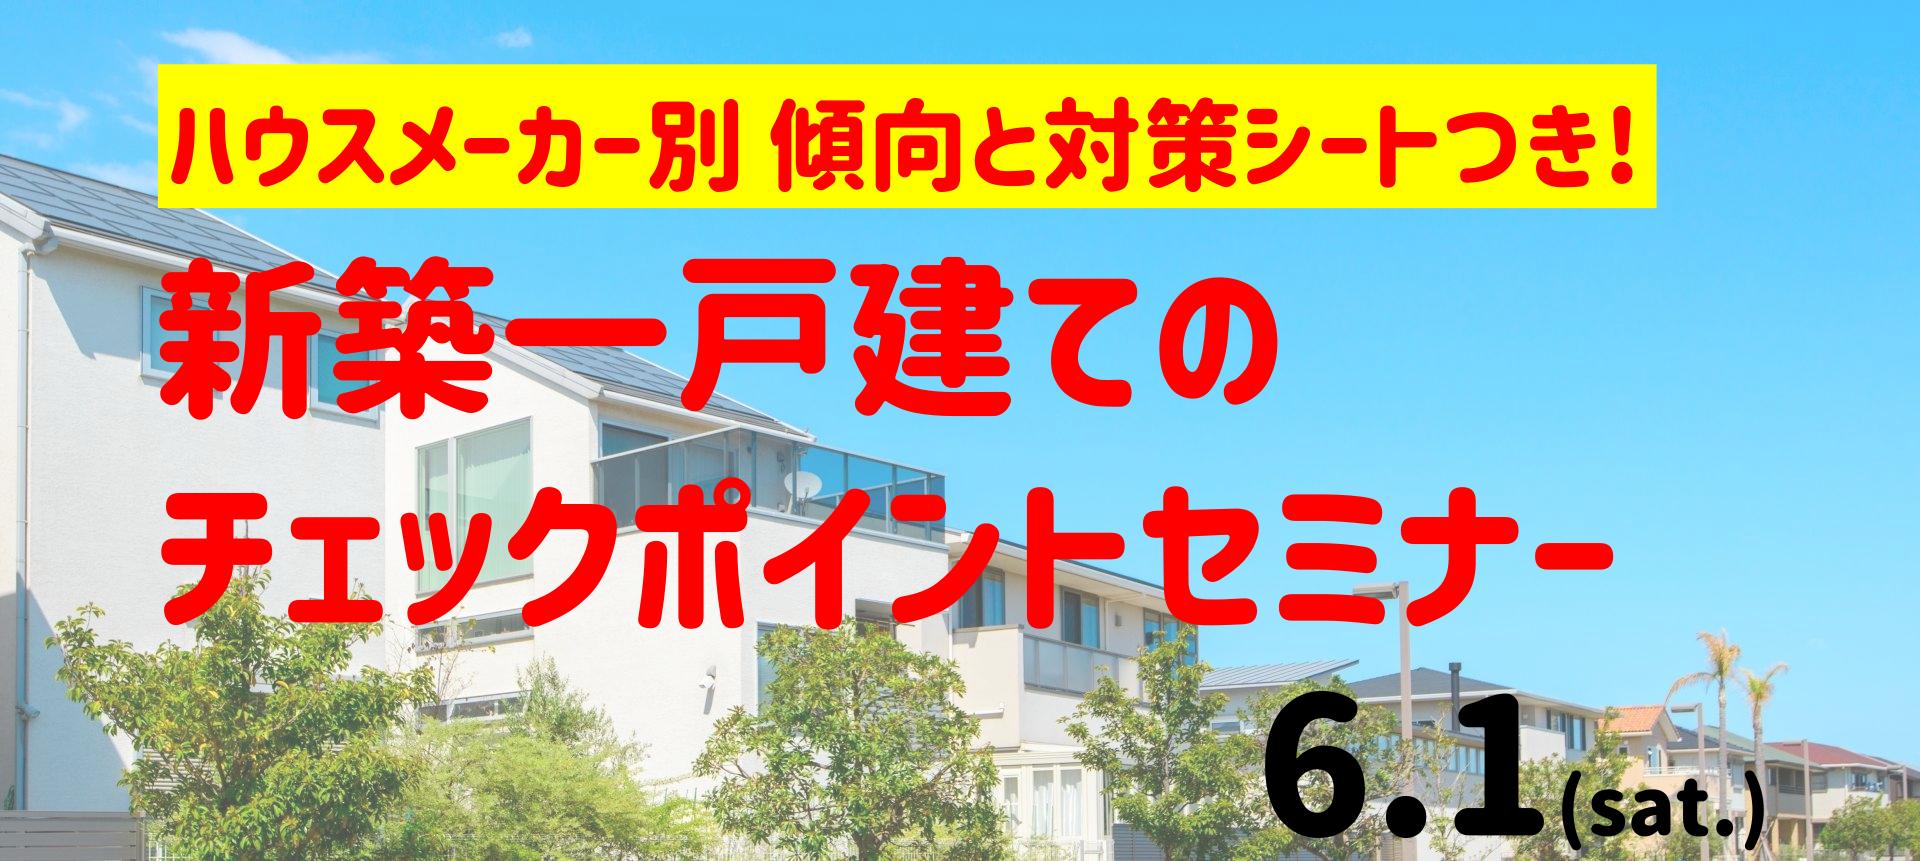 6/1(土)ハウスメーカー別 傾向と対策つき!新築一戸建て 工事中のチェックポイントセミナー